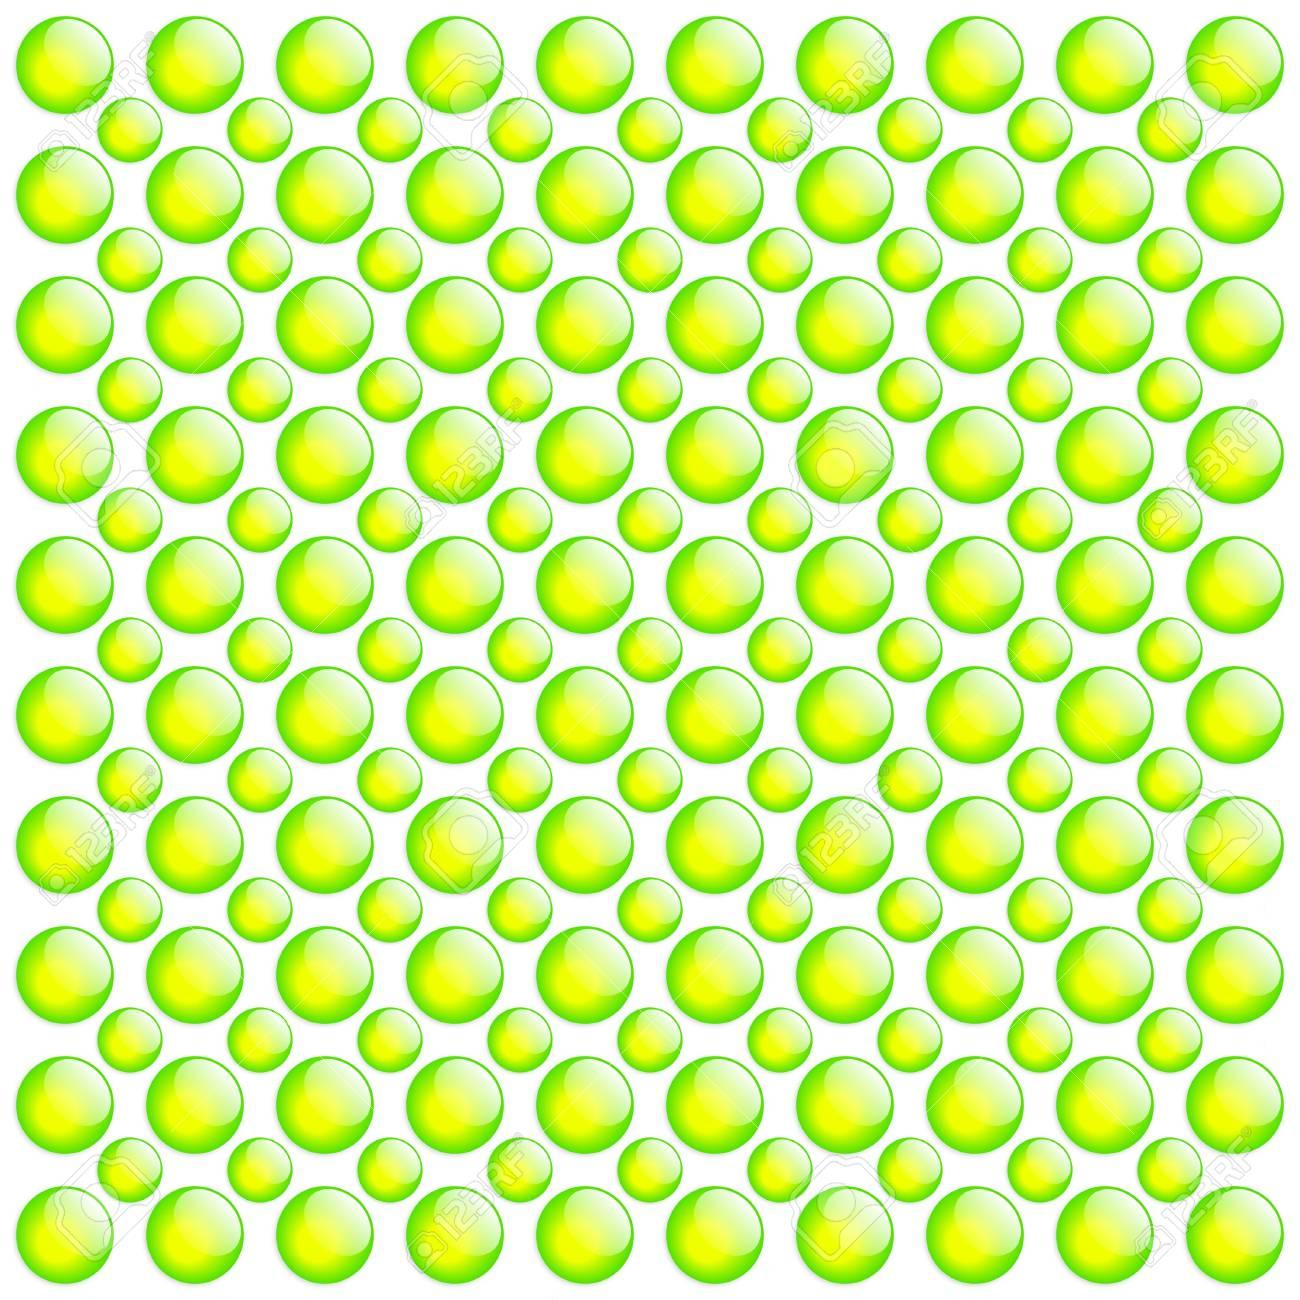 Fresh Button Background. Green & White. Stock Photo - 4001213